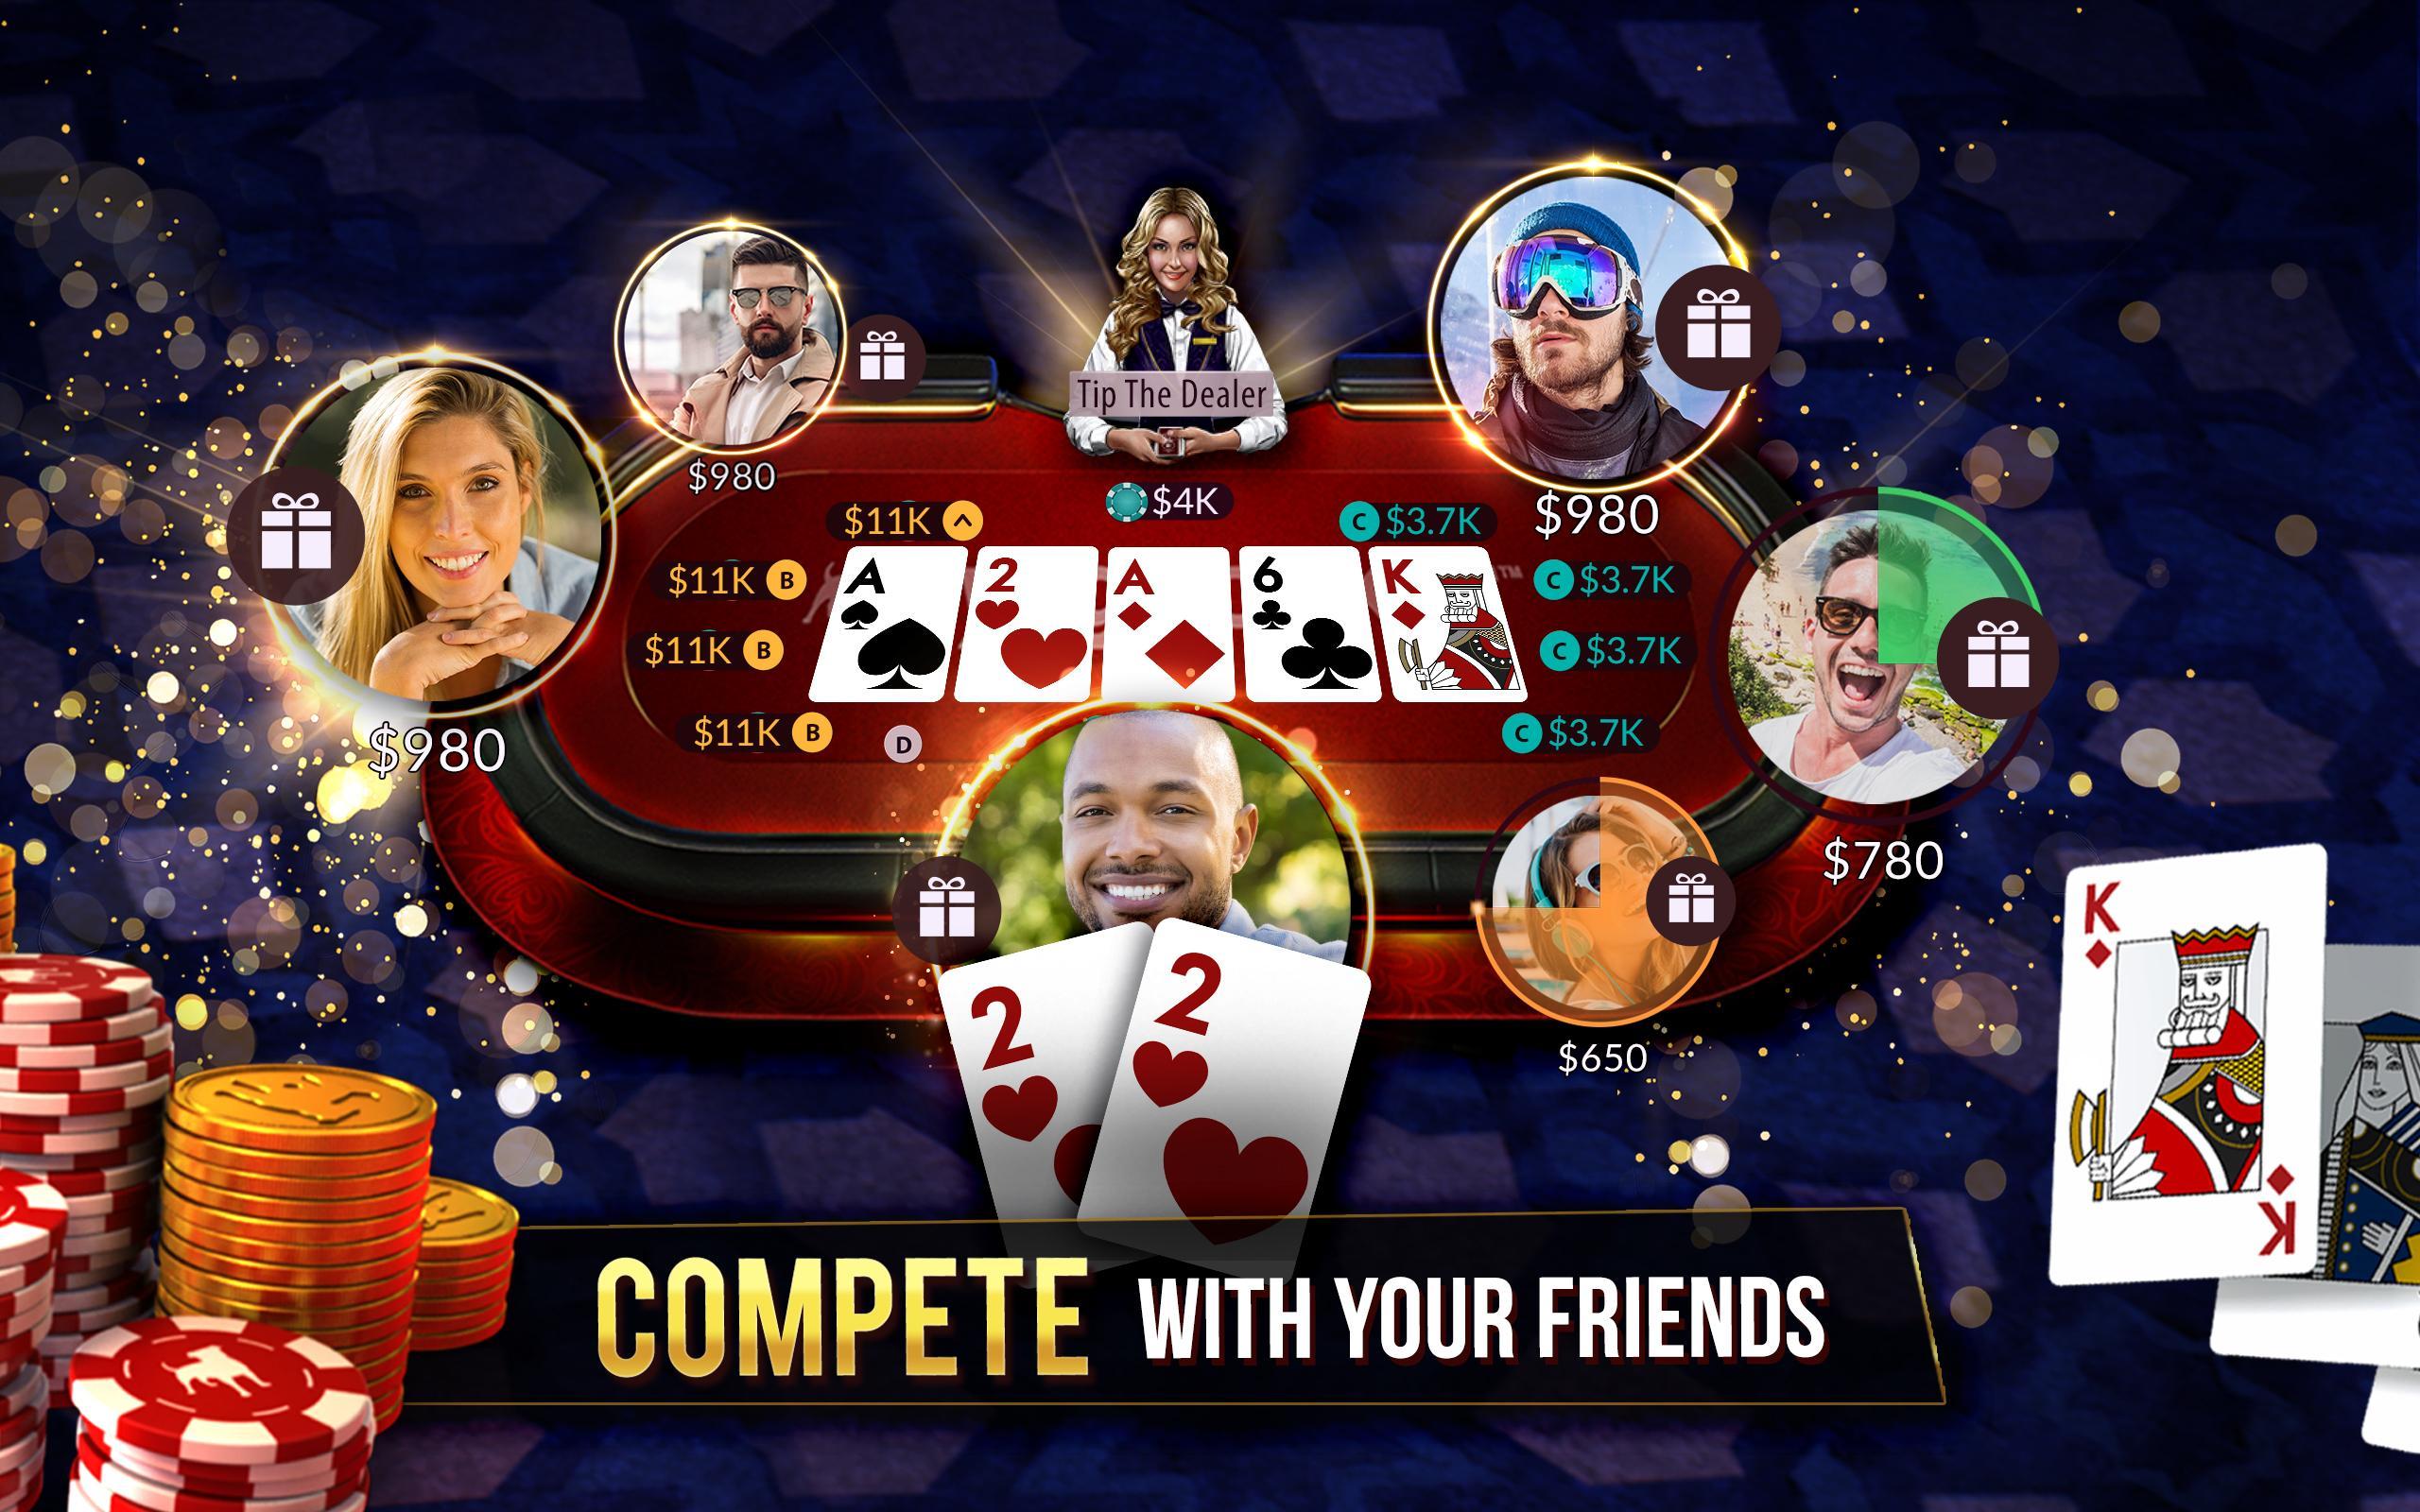 Покер 2017 смотреть онлайн бесплатно карты сокровищ чтобы играть на даче